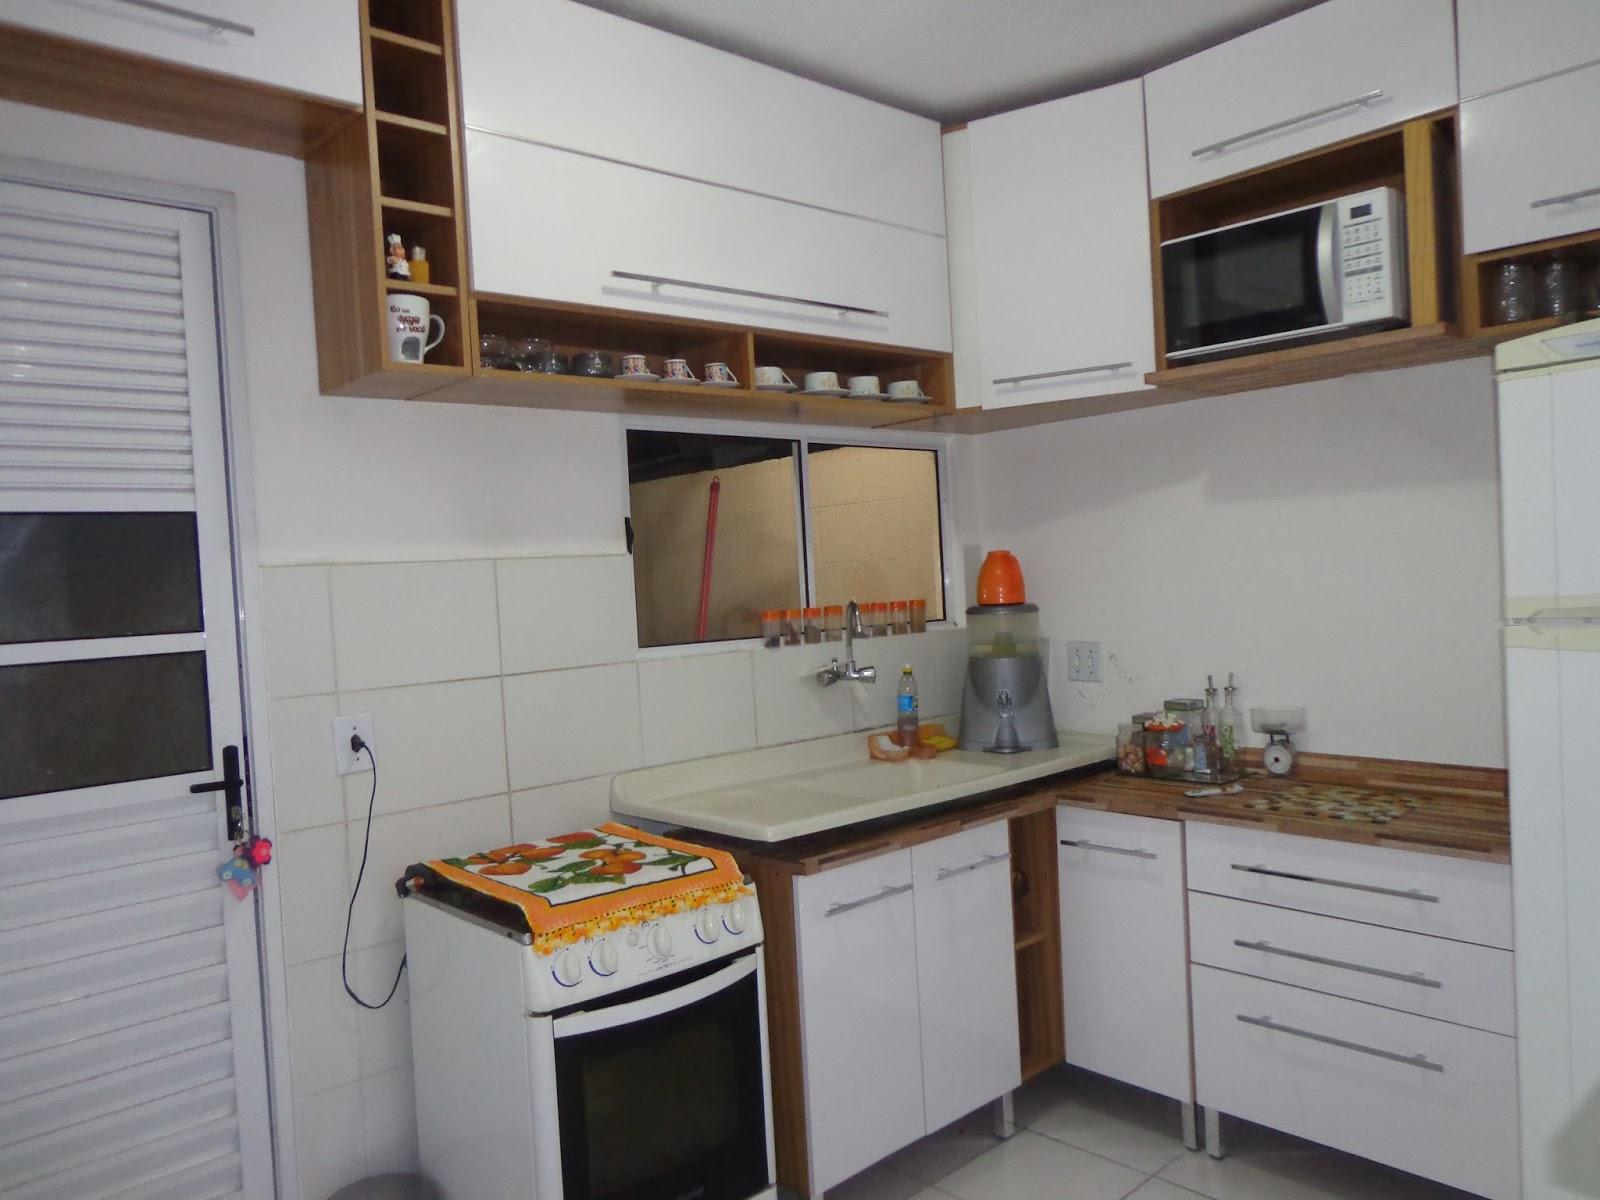 Minha Cozinha Antes E Depois Das Pastilhas Fabiana Souza ~ Pastilha Cozinha Americana